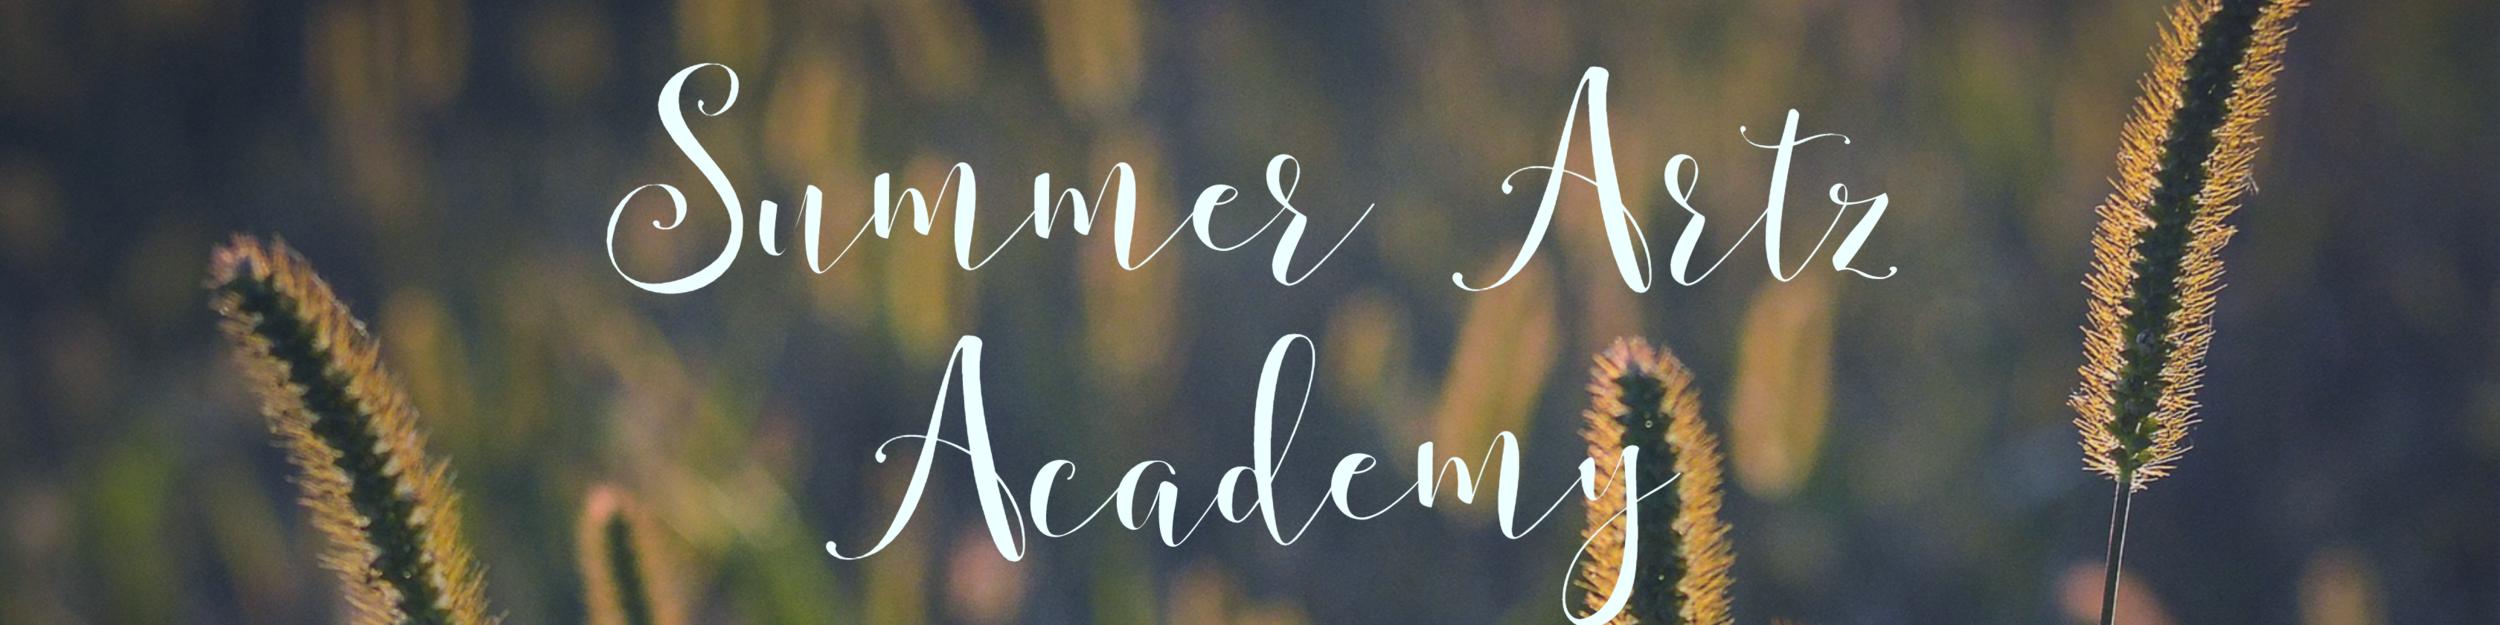 Summer Artz Academy.png